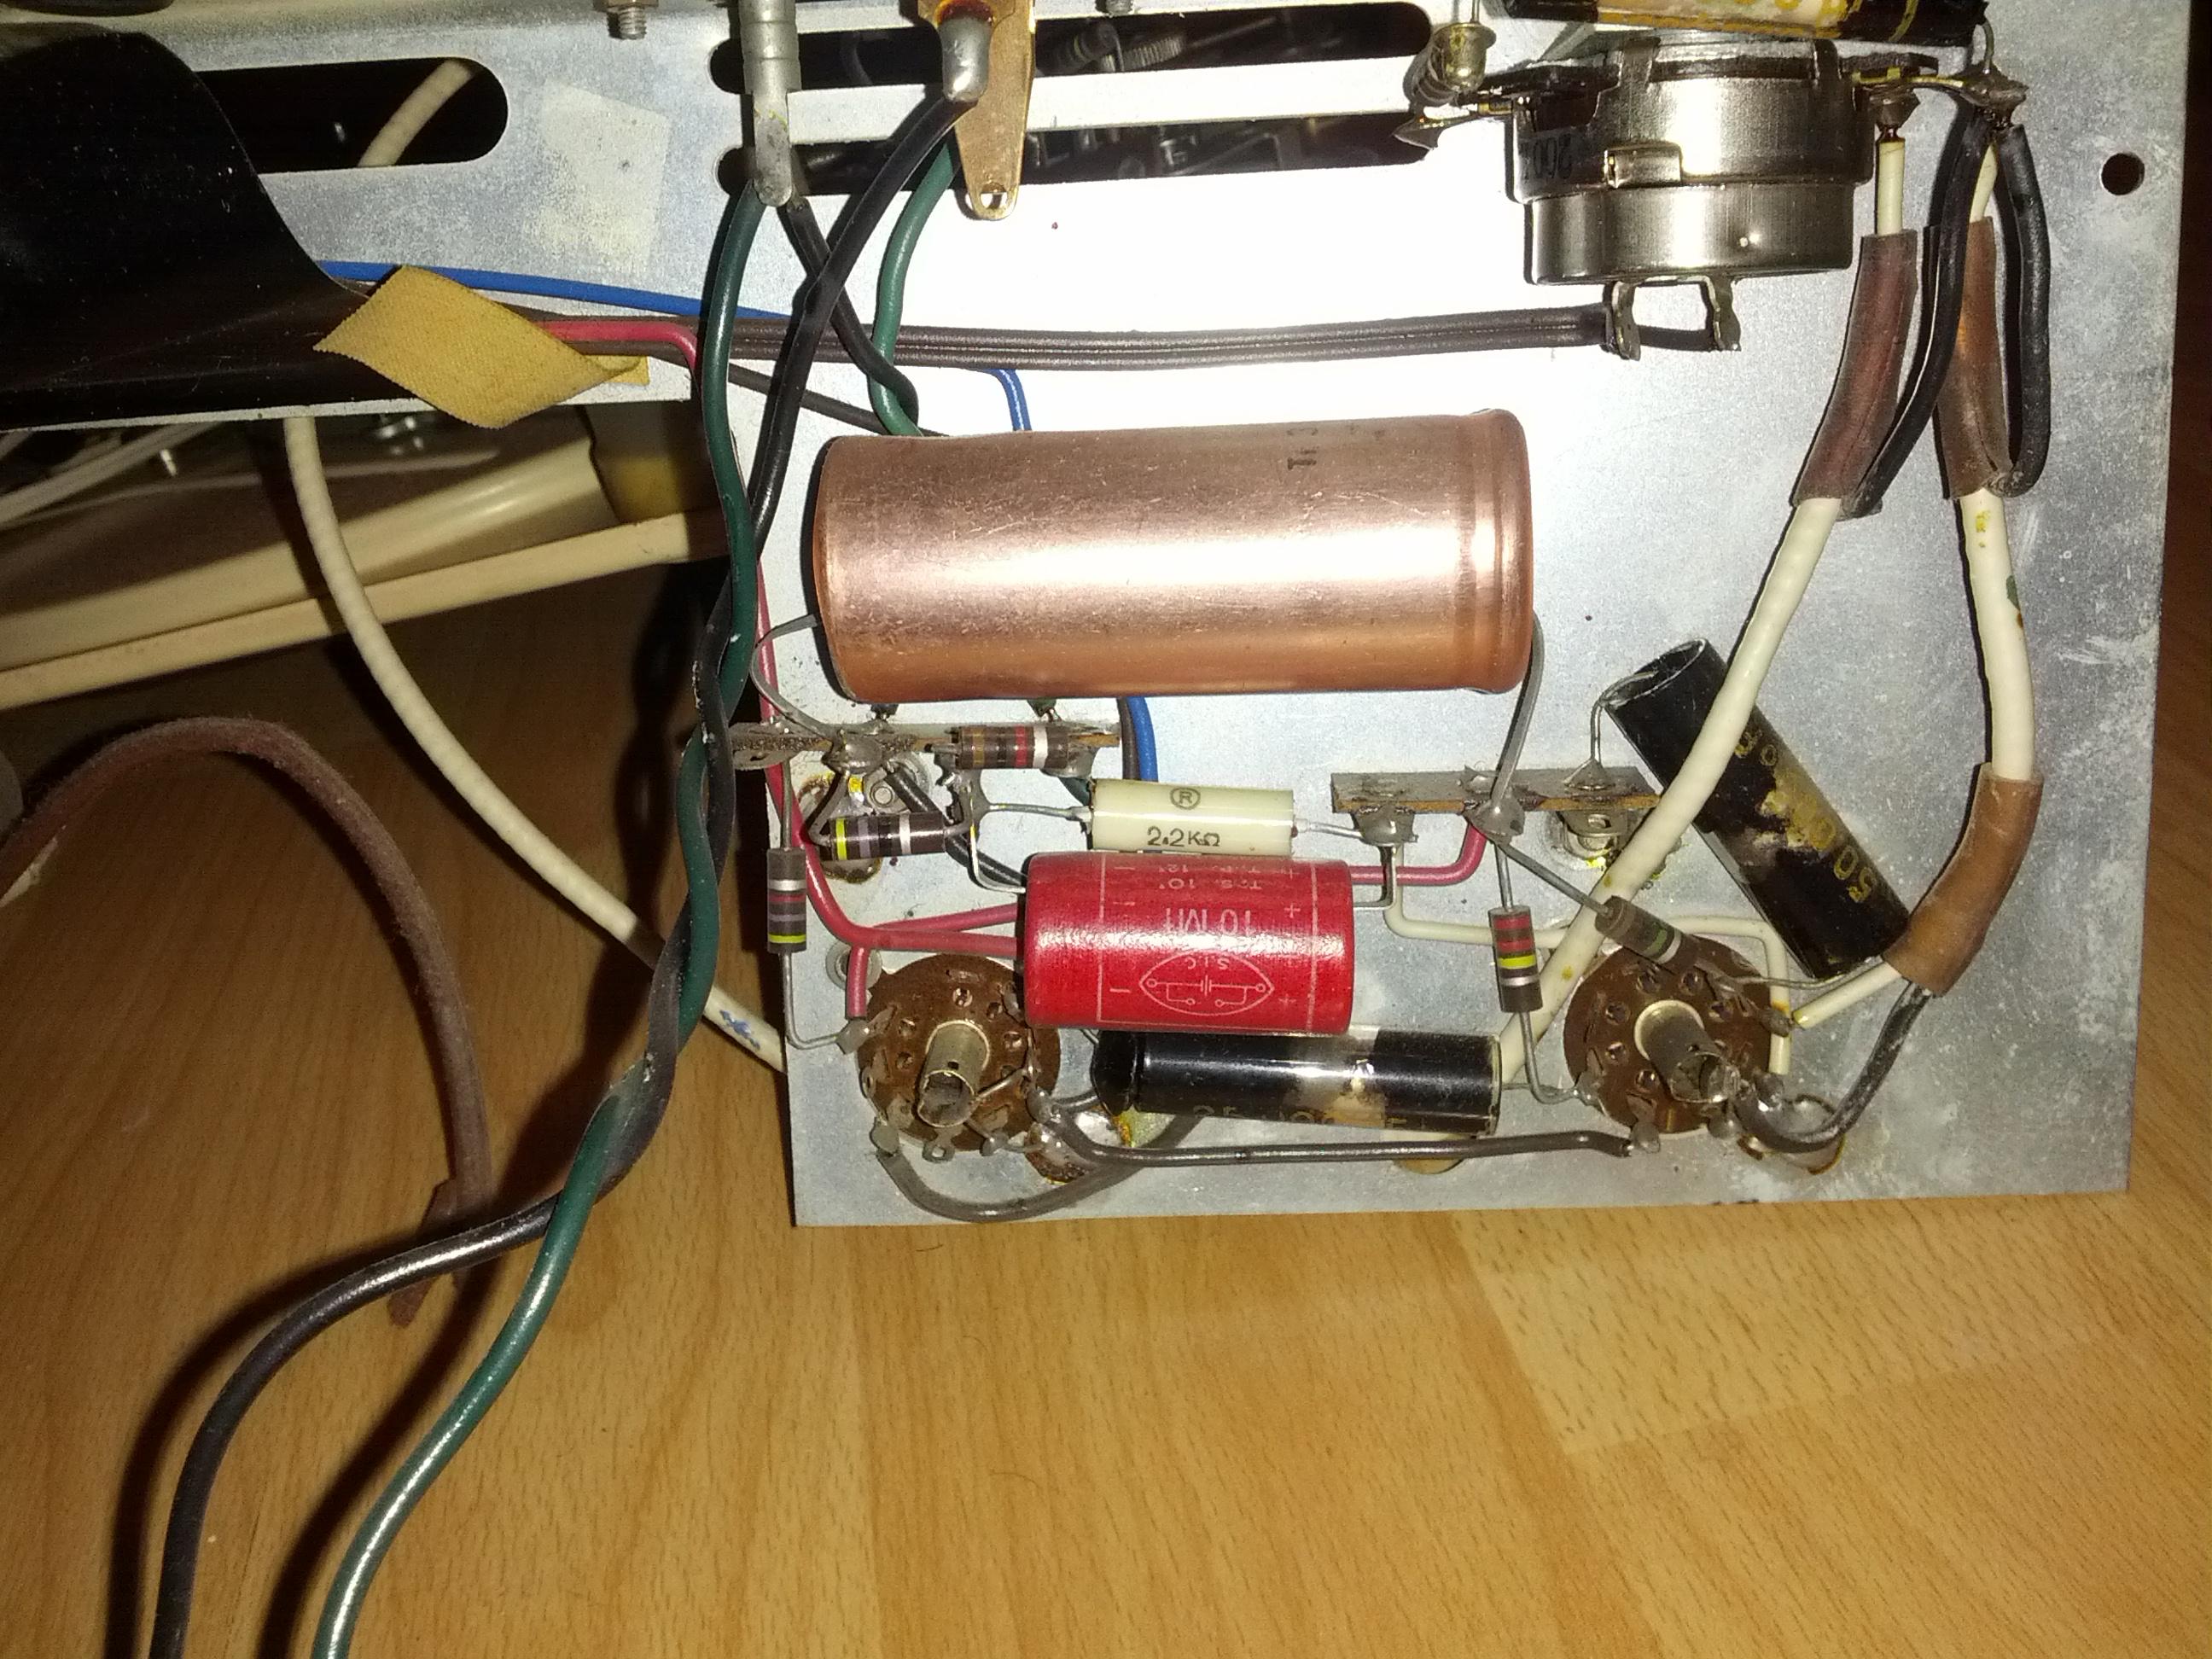 Mootronic remise en route d un tourne disque des ann es 50 - Tourne disque avec haut parleur integre ...